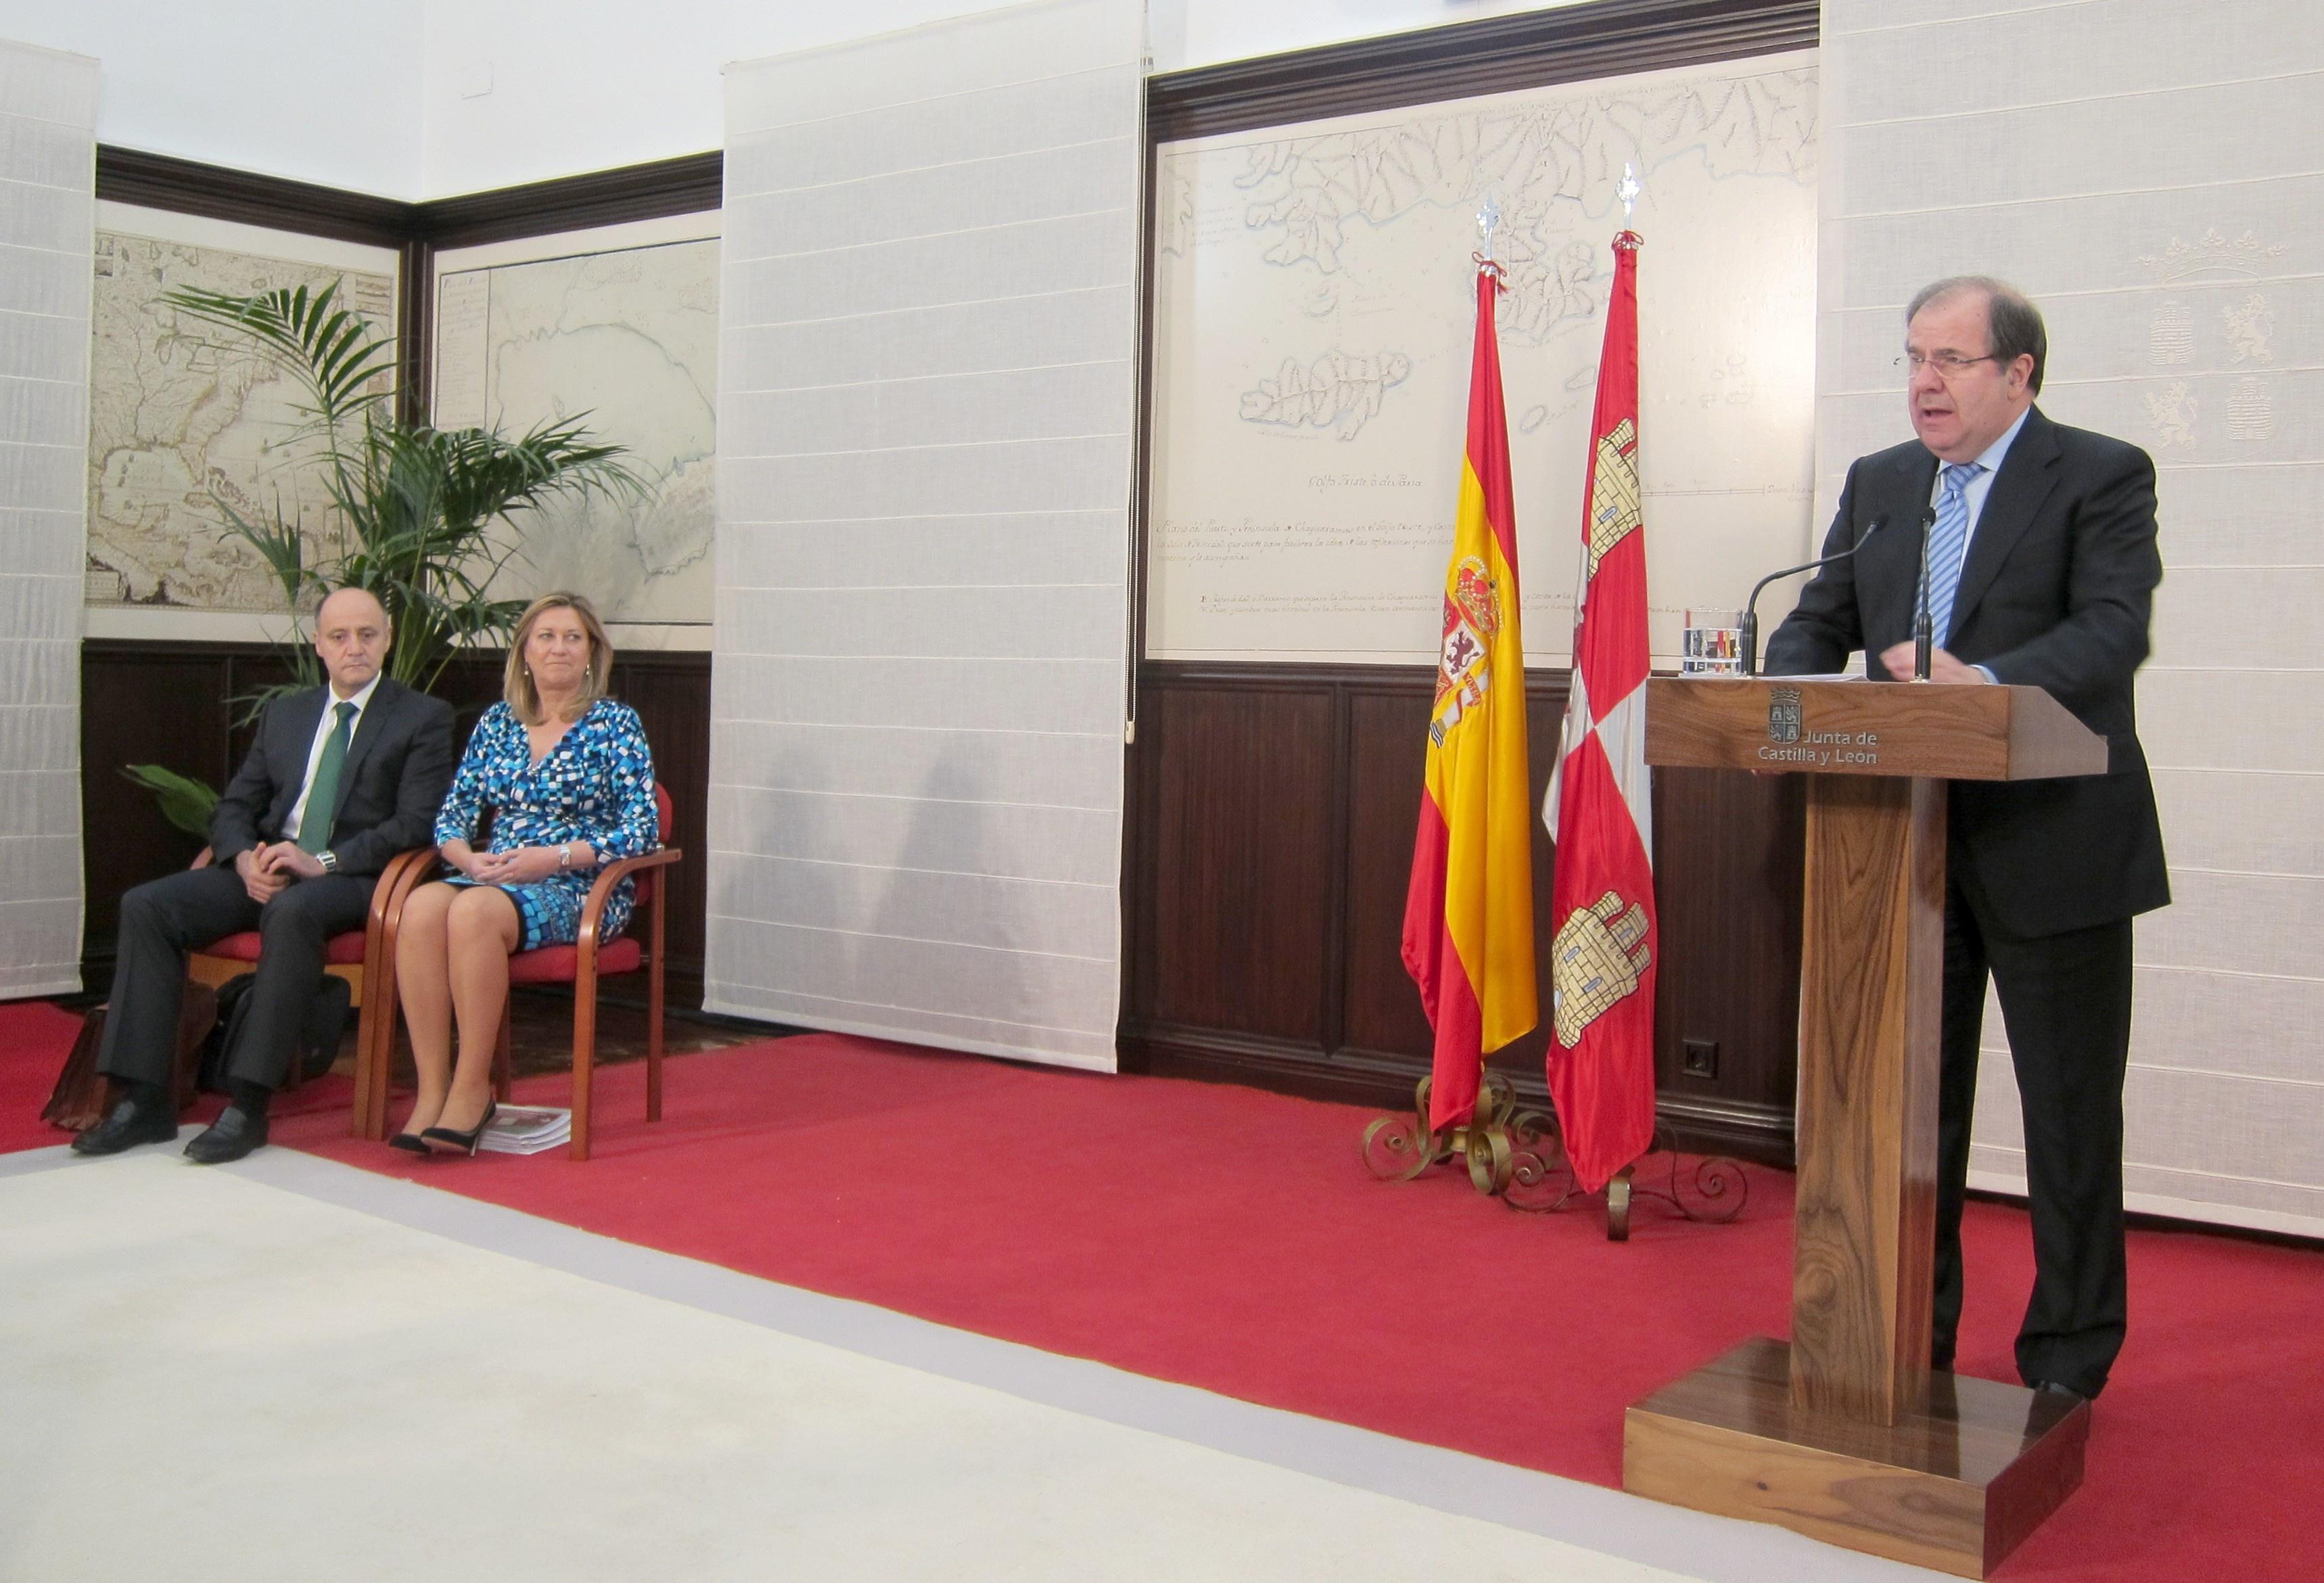 La Junta estima la tasa de paro en el 21,5% para 2014, un 4,4% menos de lo previsto en España